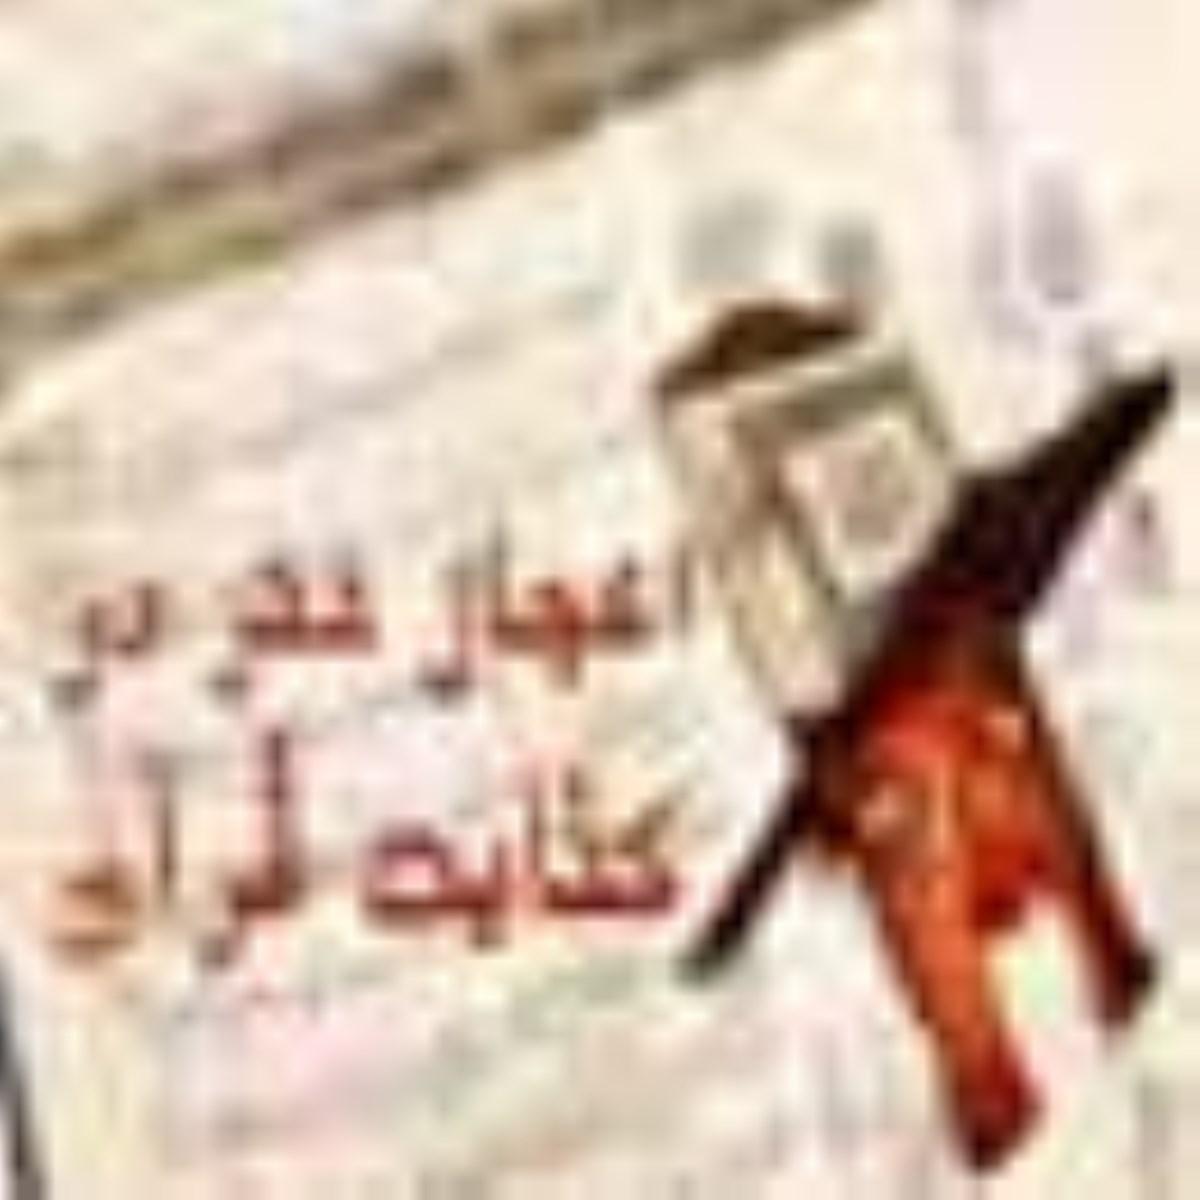 اعجاز هنر در کتابت قرآن